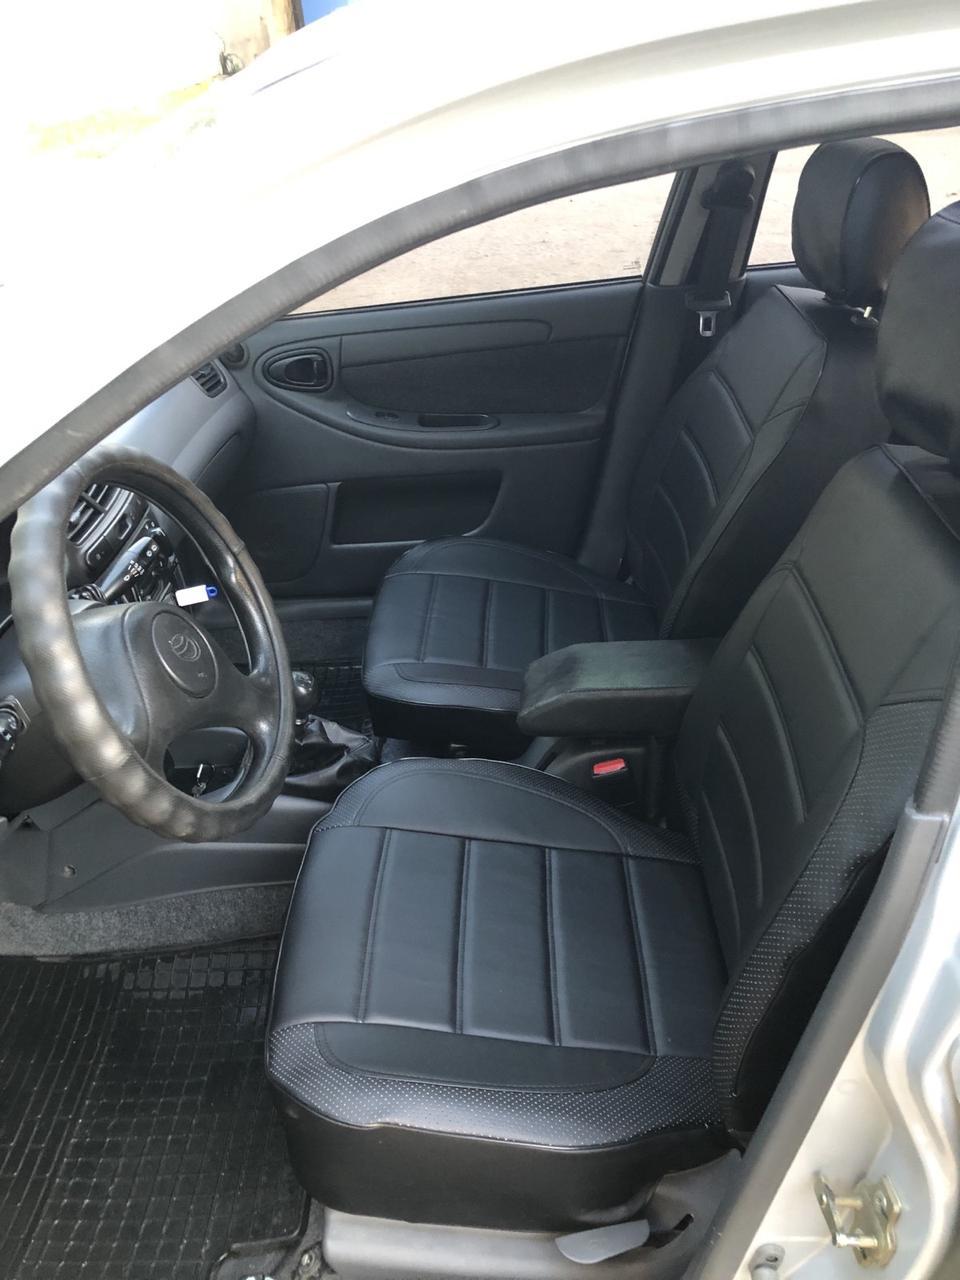 Чехлы на сиденья Опель Астра G (Opel Astra G) модельные MAX-L из экокожи Черный